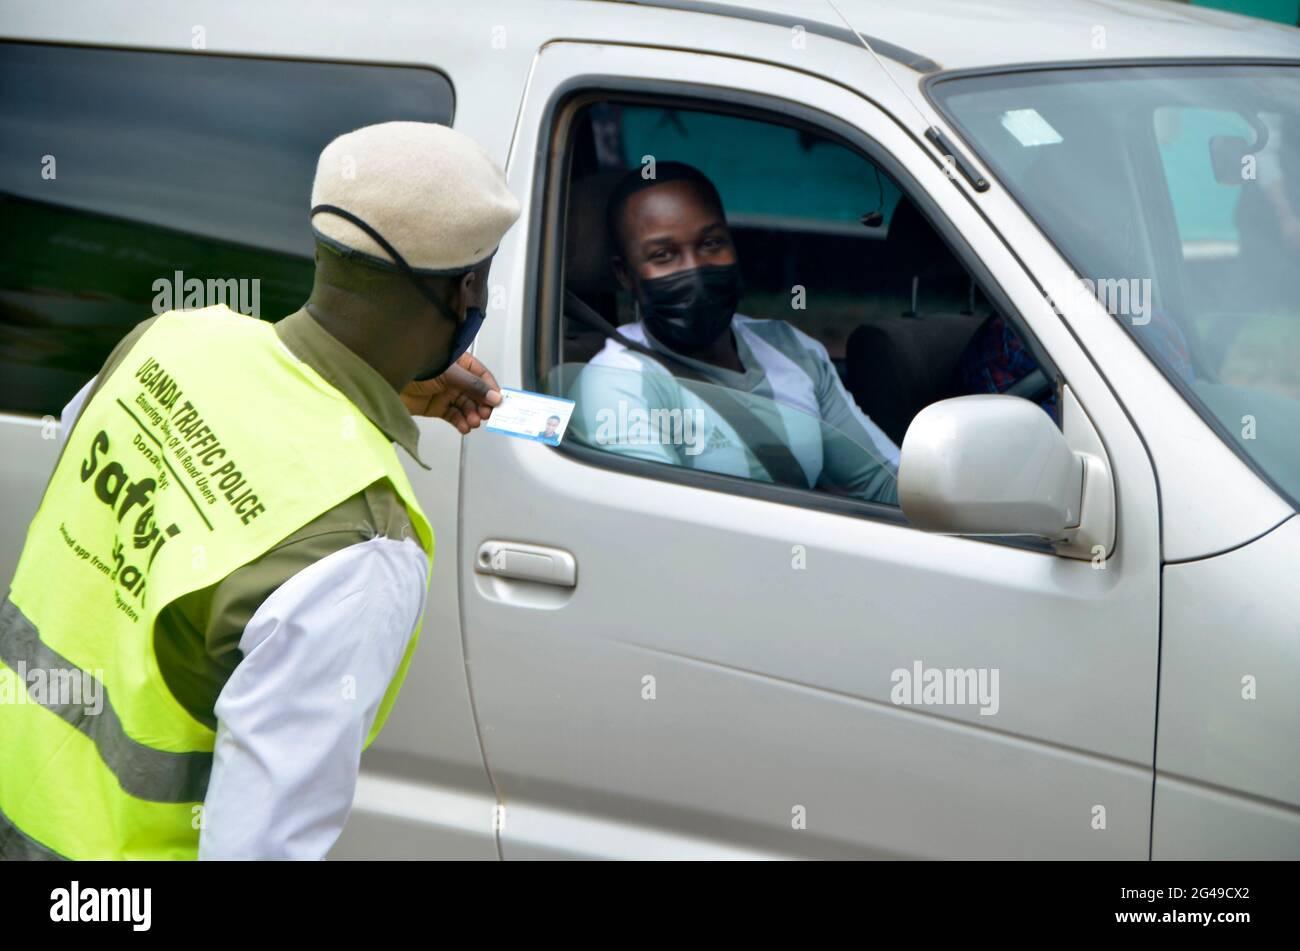 Kampala, Ouganda. 19 juin 2021. Un agent de police de la circulation vérifie les documents à un point de contrôle à Kampala, en Ouganda, le 19 juin 2021. Le Président ougandais Yoweri Museveni a annoncé vendredi une série de mesures visant à contenir la propagation rapide du nouveau coronavirus alors que le pays connaît une deuxième vague. Crédit: Nicholas Kajoba/Xinhua/Alamy Live News Banque D'Images